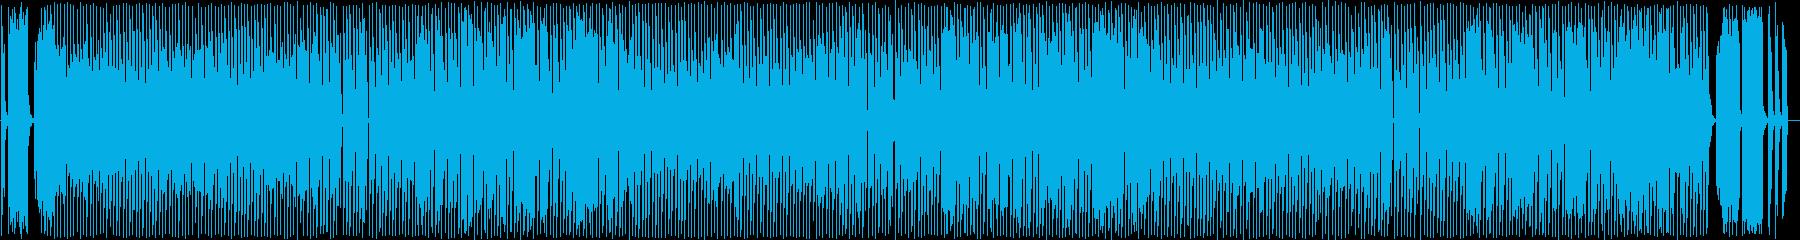 コミカルなポップス曲の再生済みの波形